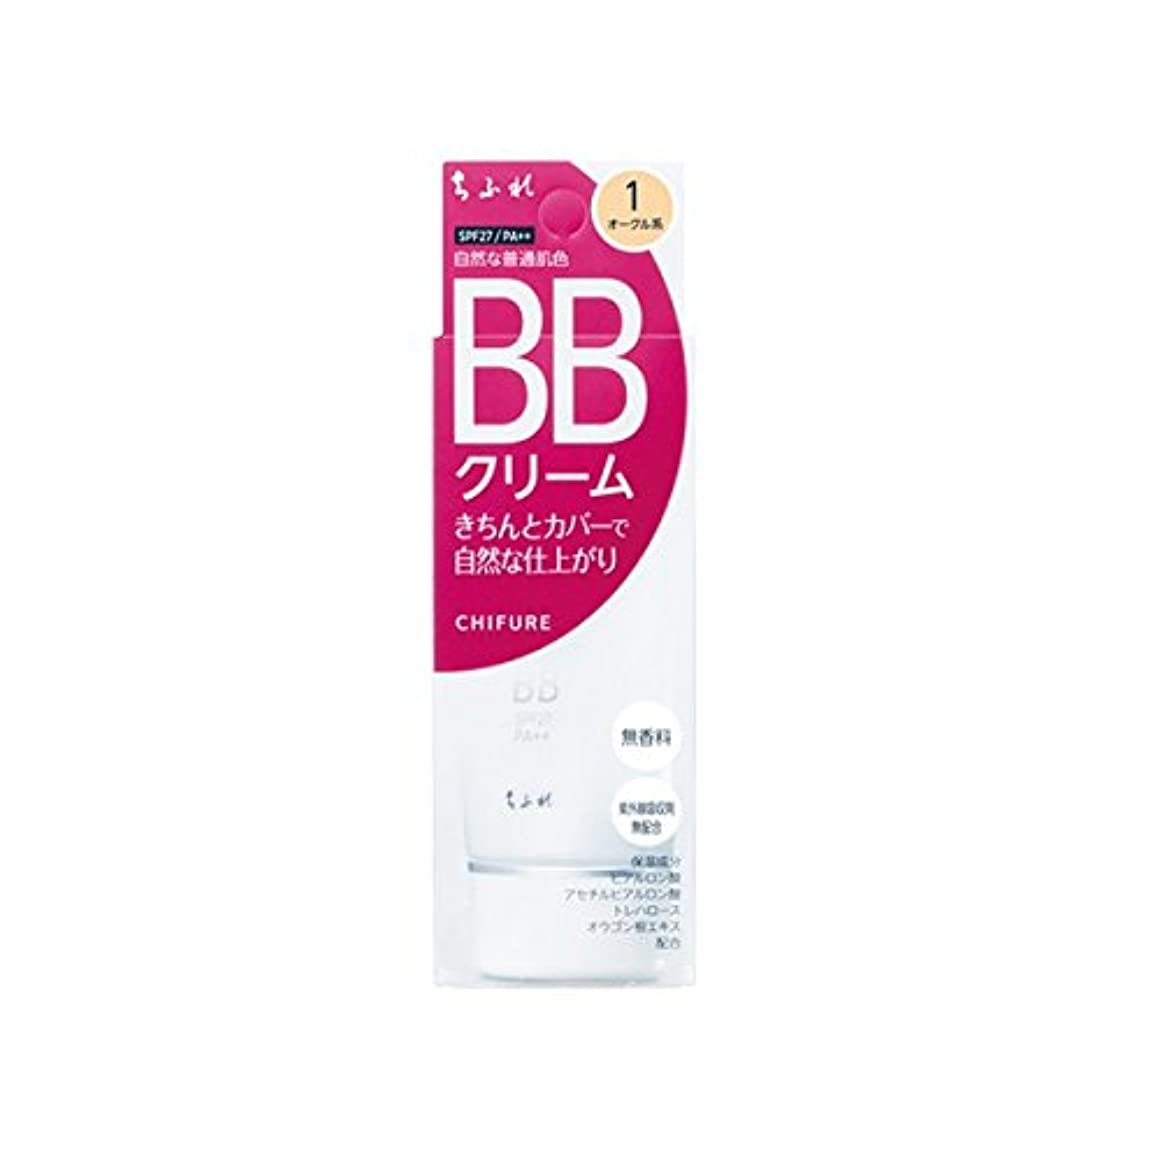 オーガニック頑張るそばにちふれ化粧品 BB クリーム 1 自然な普通肌色 BBクリーム 1